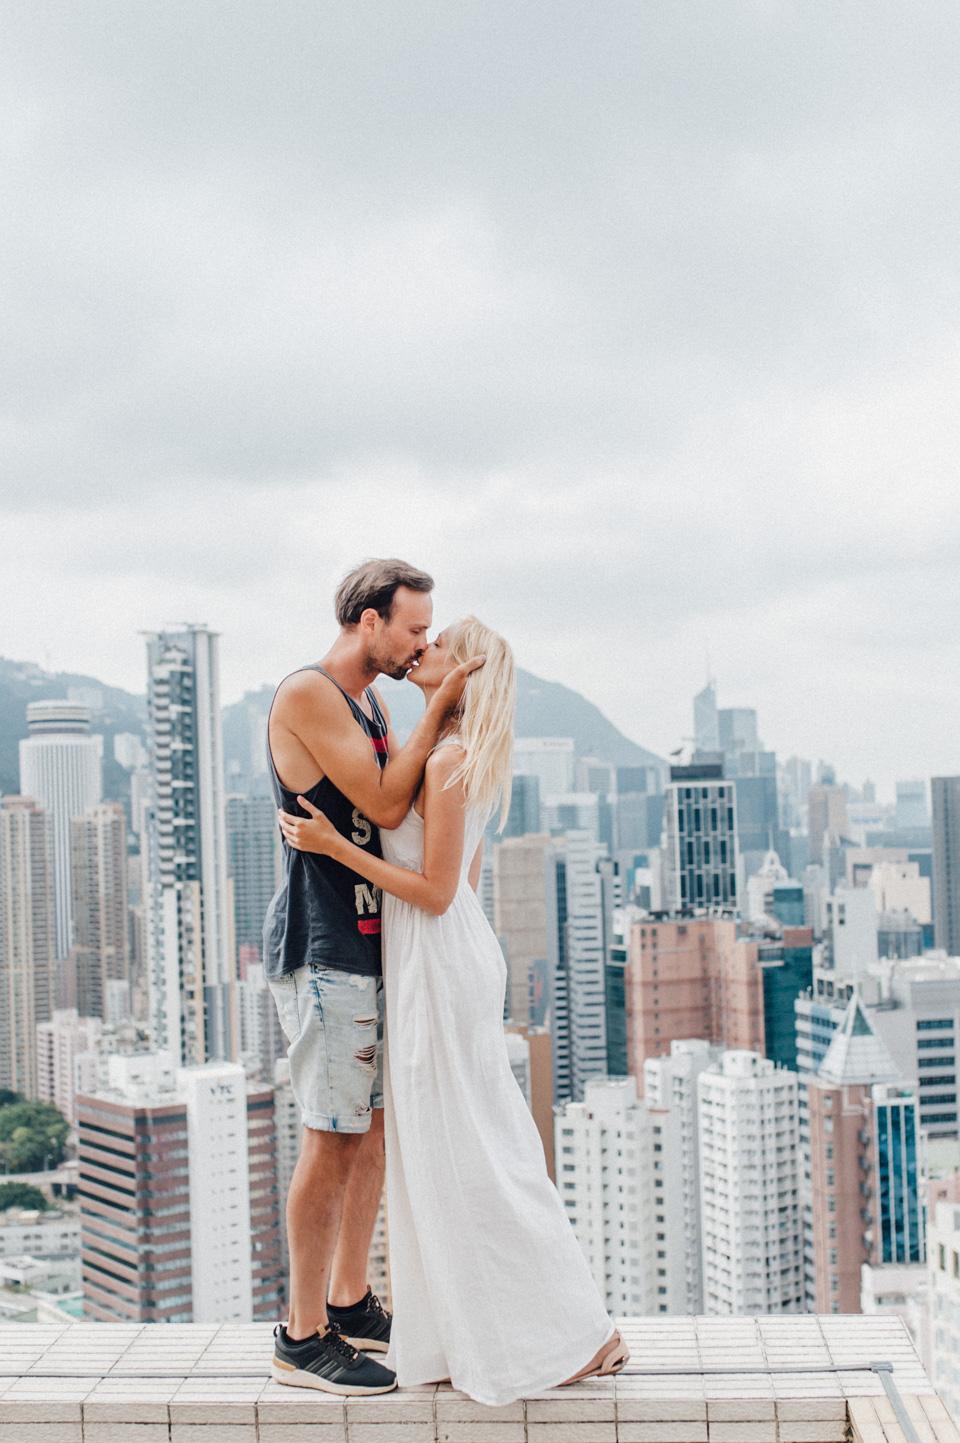 galina-robert-hongkong-061115-33 Galina & Robert in HongKonggalina robert hongkong 061115 33